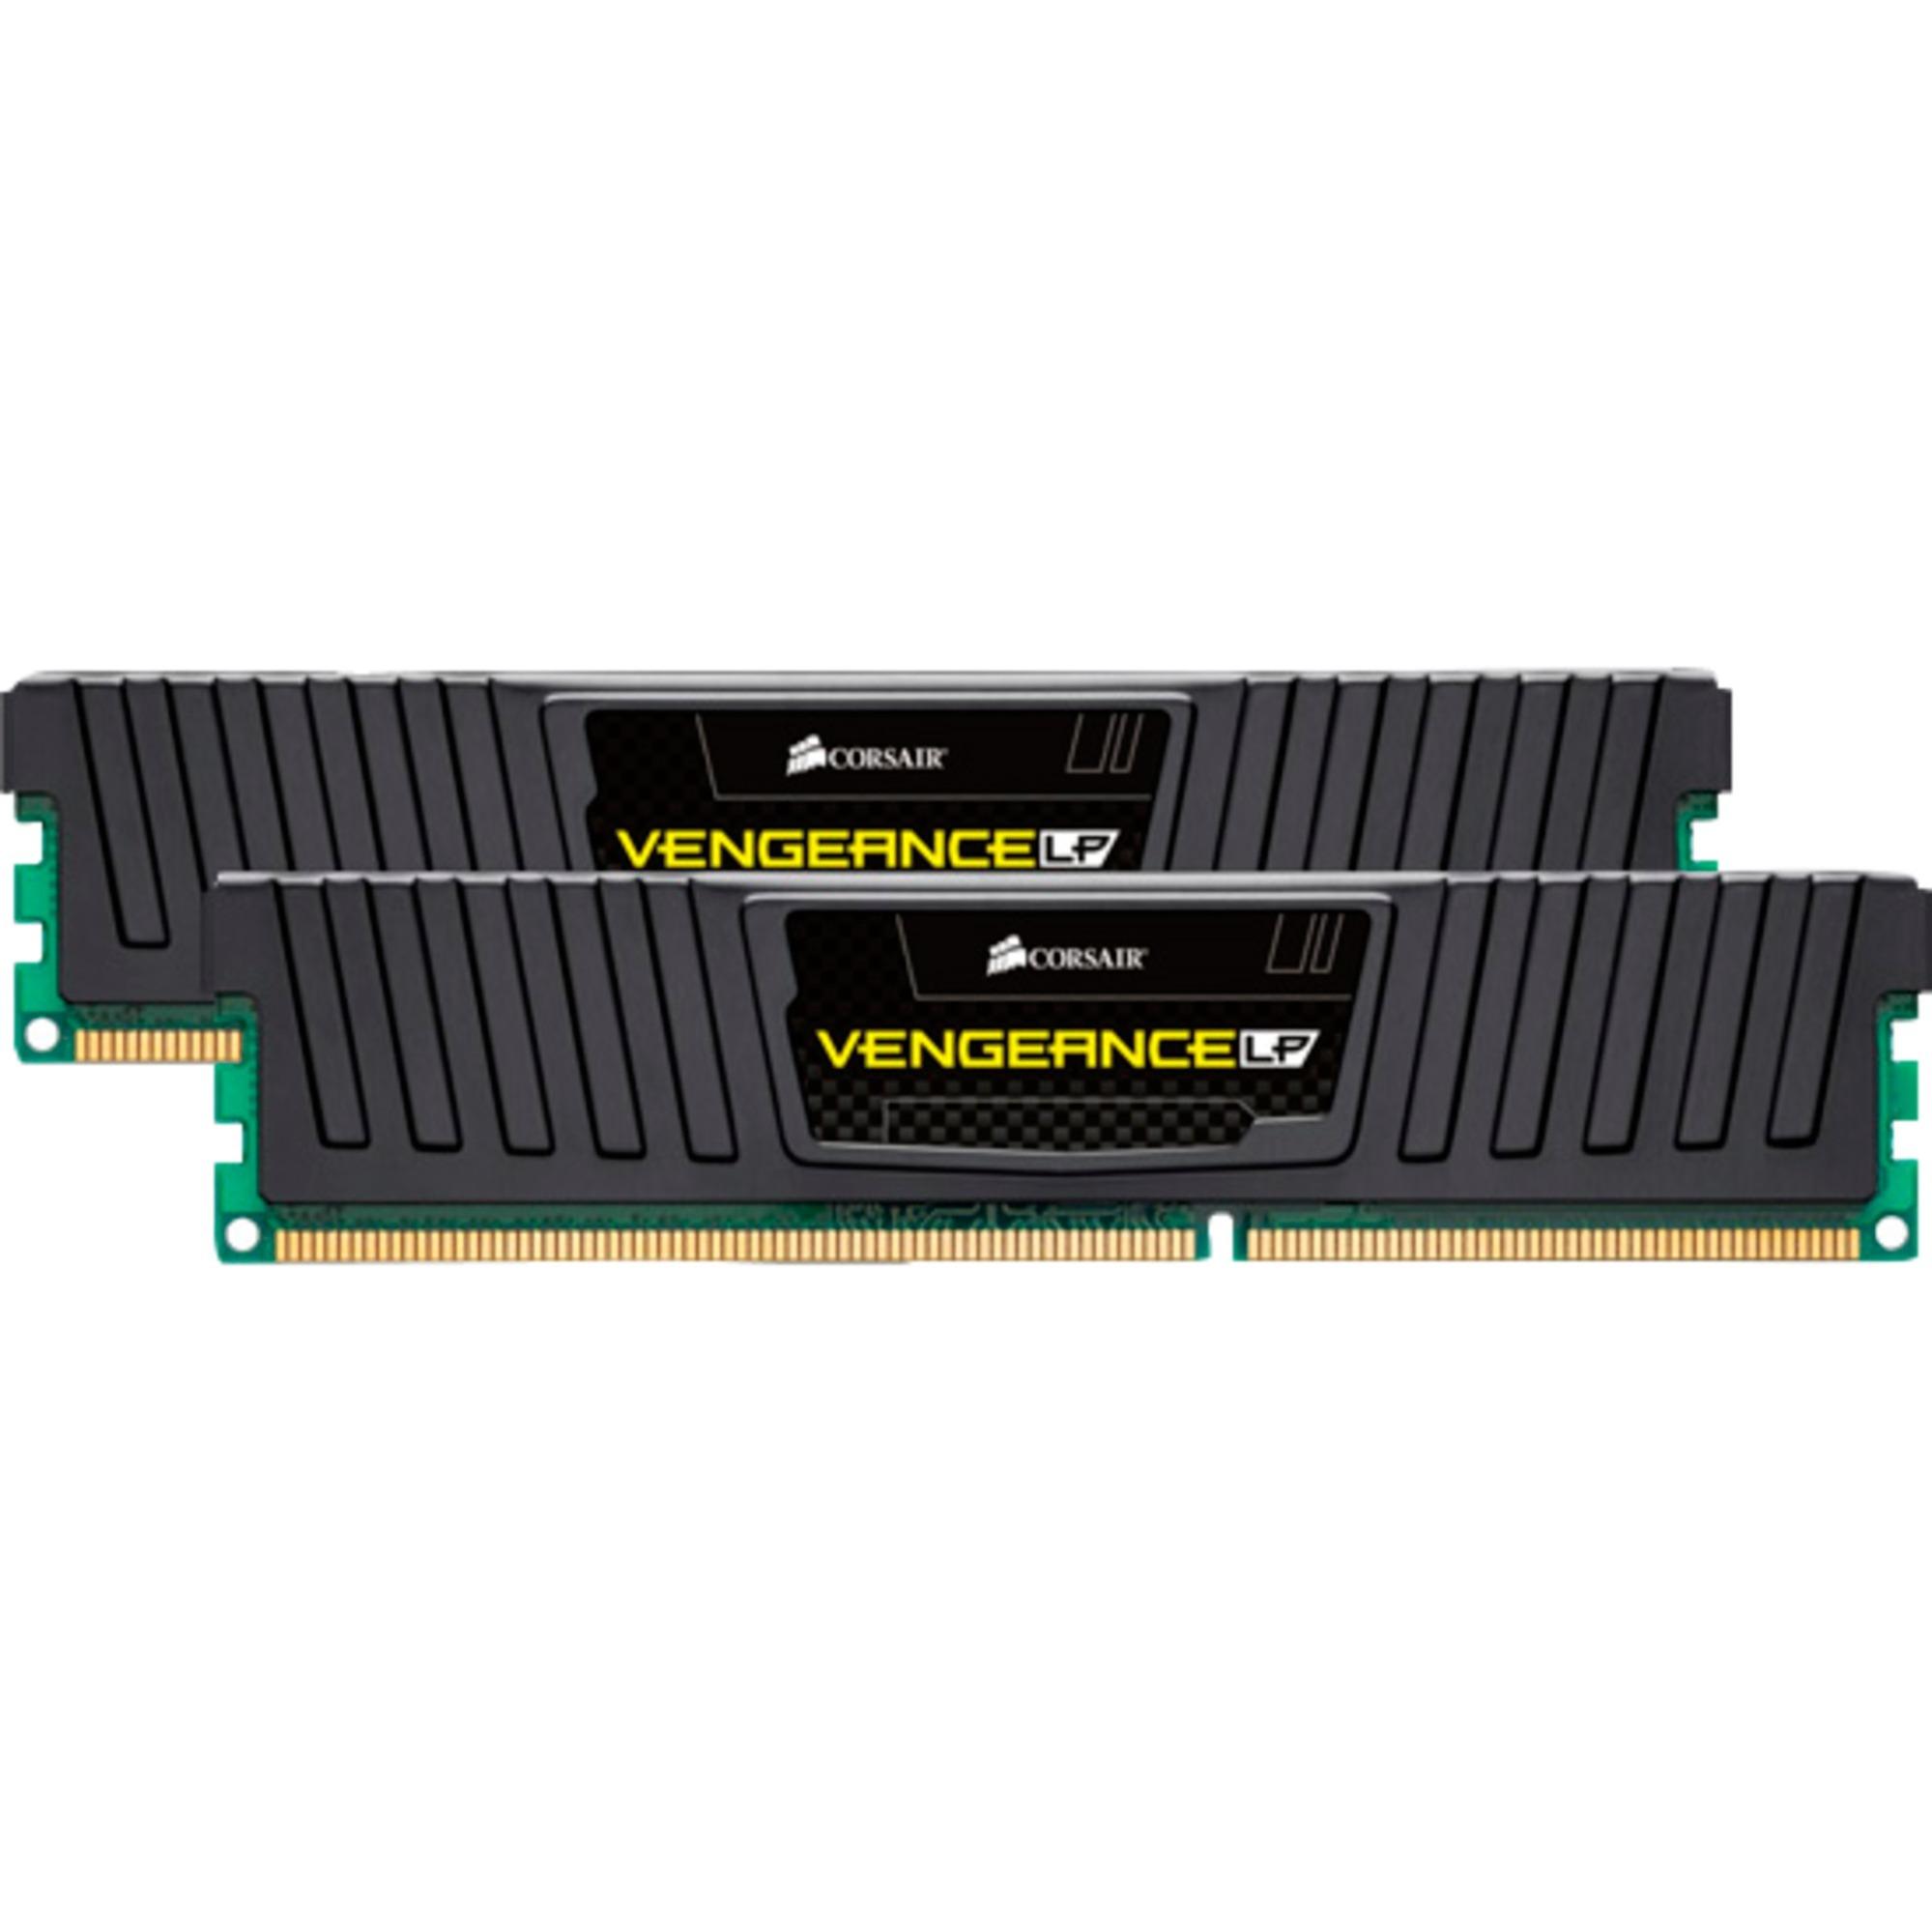 16GB 1600MHz CL10 DDR3 16GB DDR3 1600MHz módulo de memoria, Memoria RAM